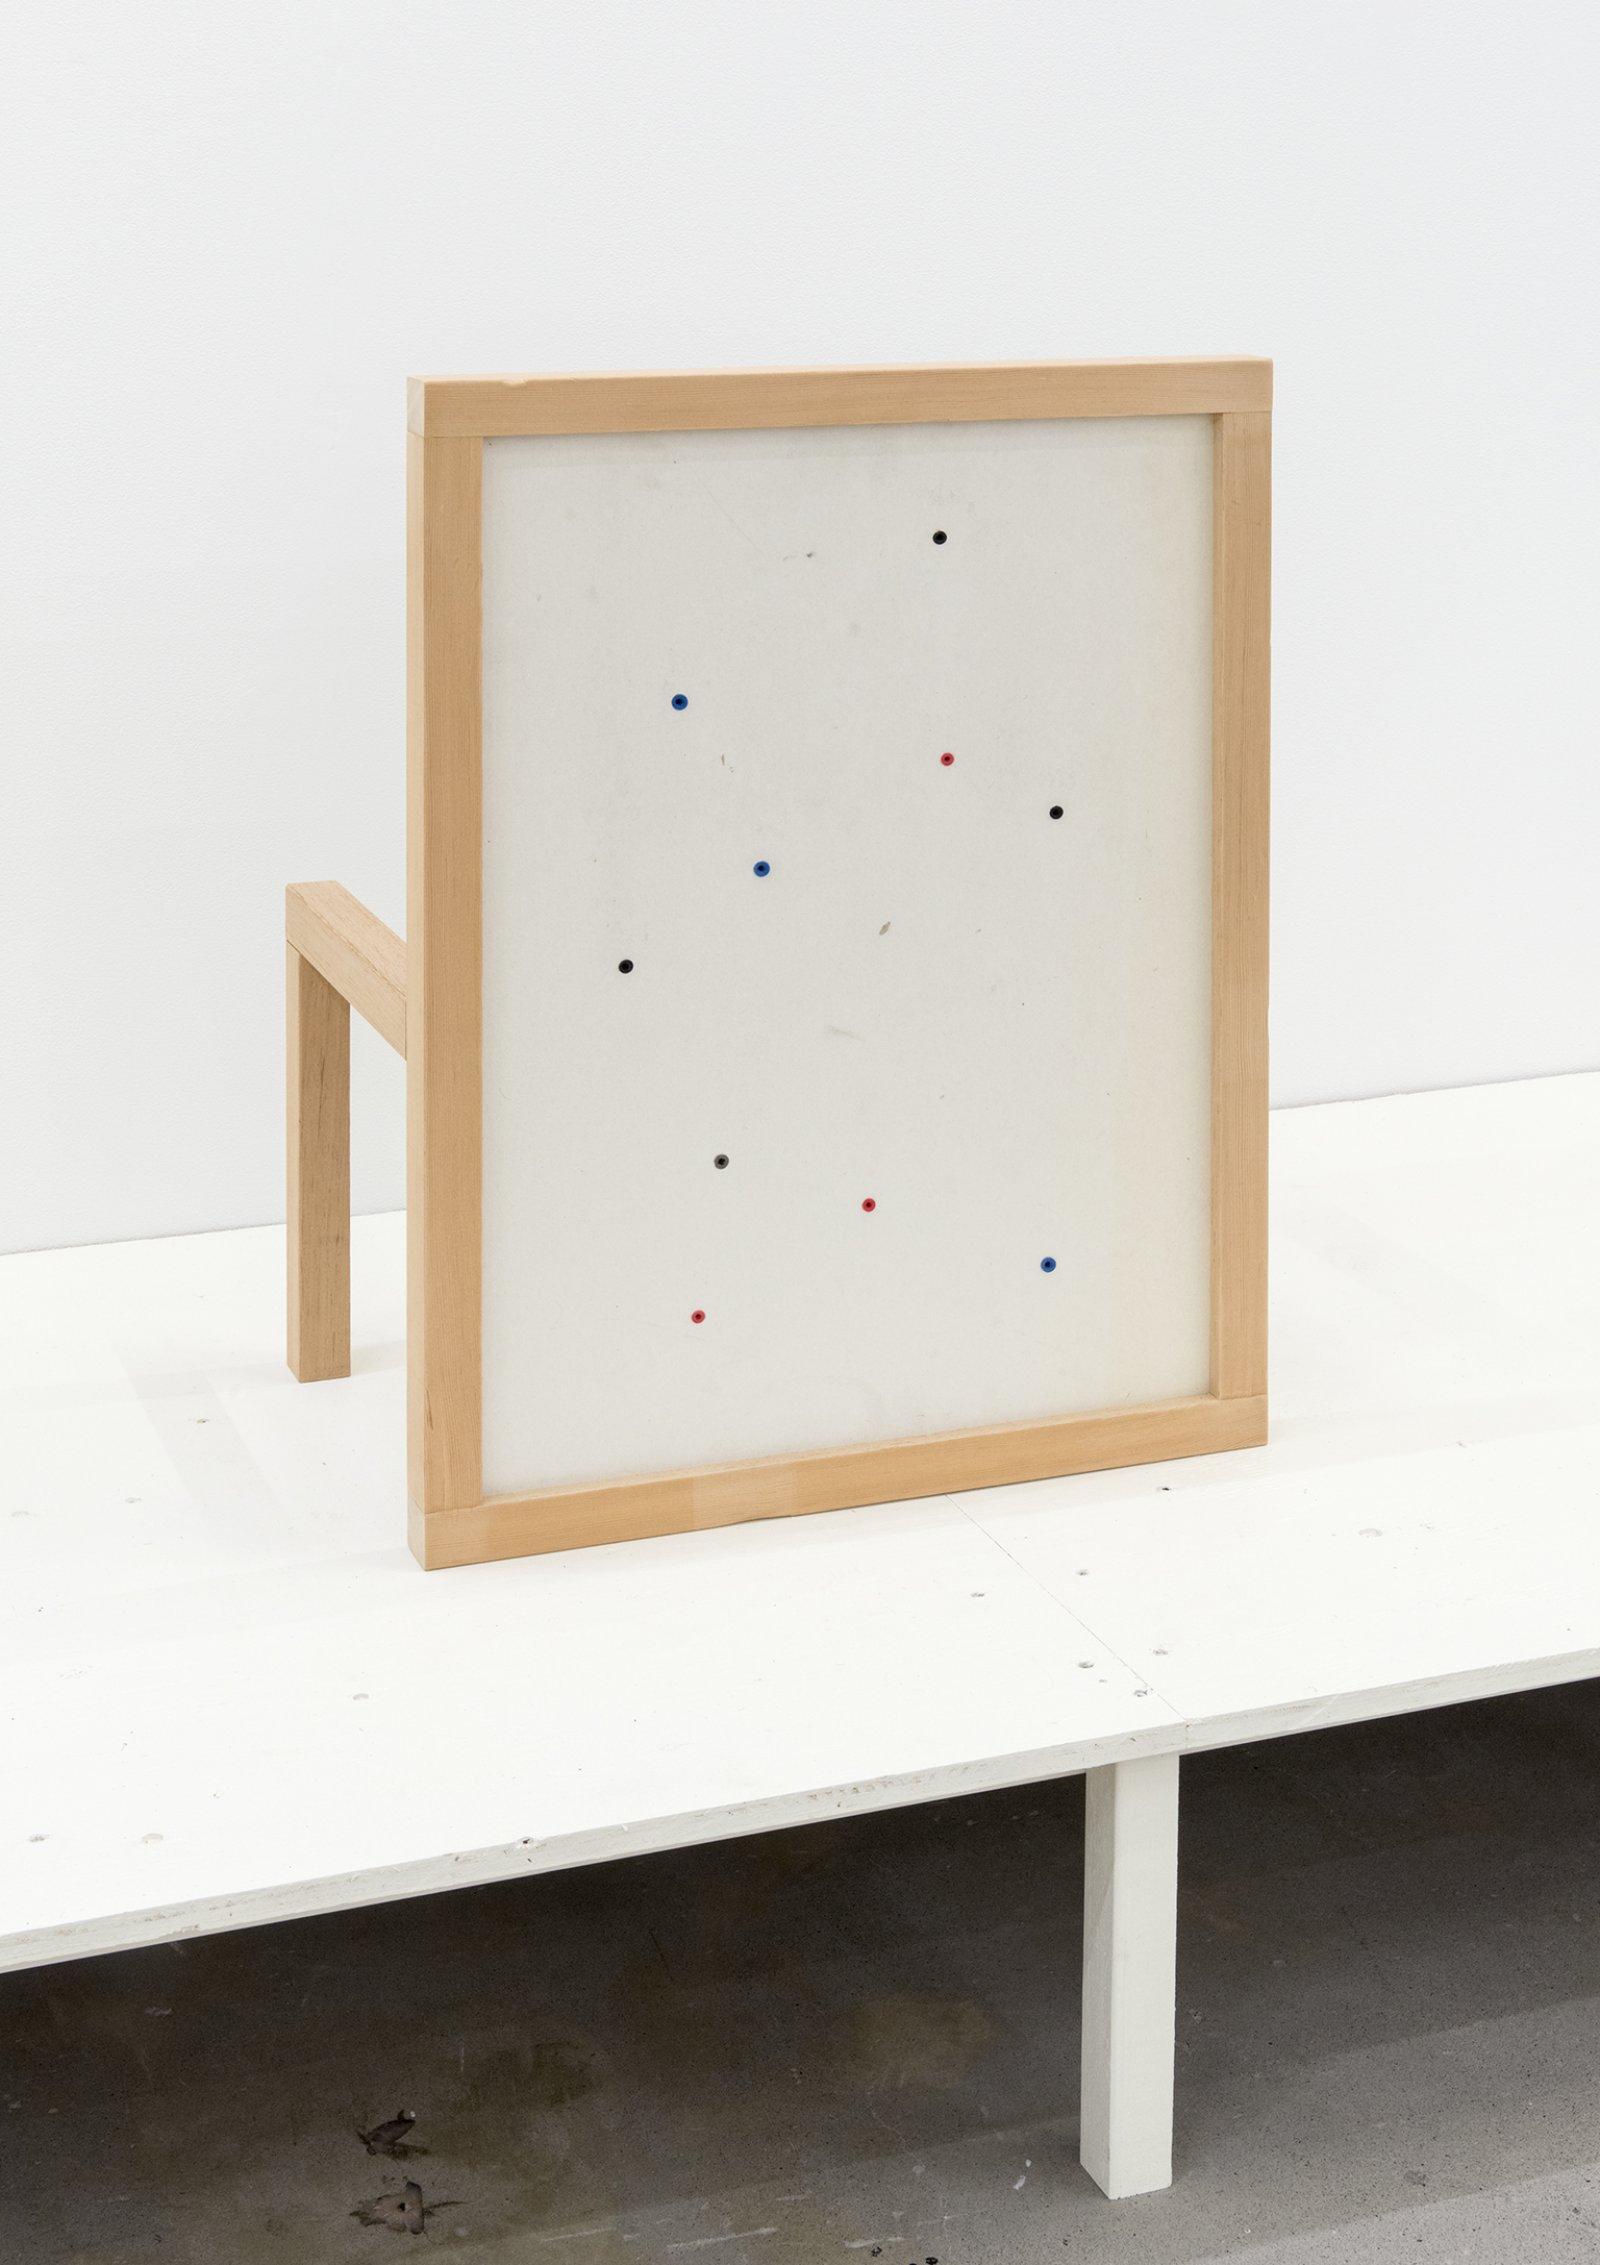 Gareth Moore, W-08F, 2013, gyprock, wallplugs, plywood, fir, 28 x 21 x 13 in. (70 x 53 x 33 cm) by Gareth Moore